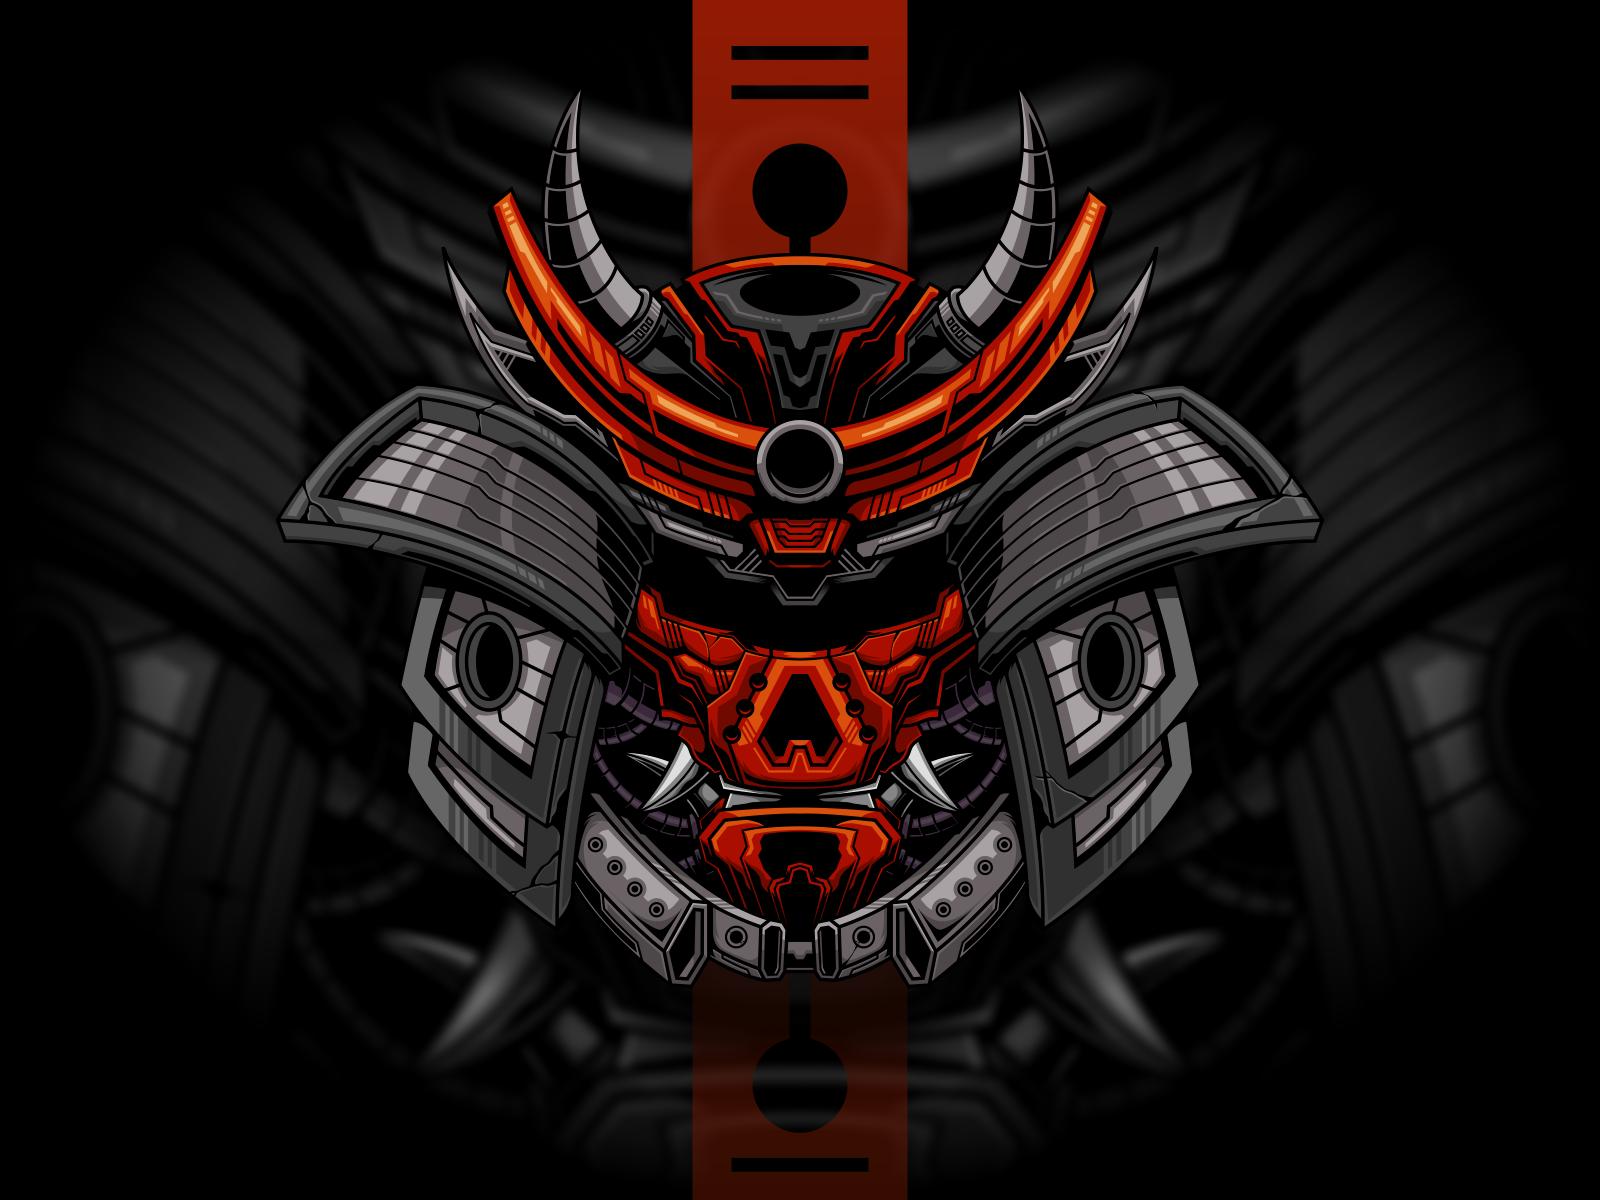 Mecha Samurai in 2020 Mecha, Samurai, Mascot